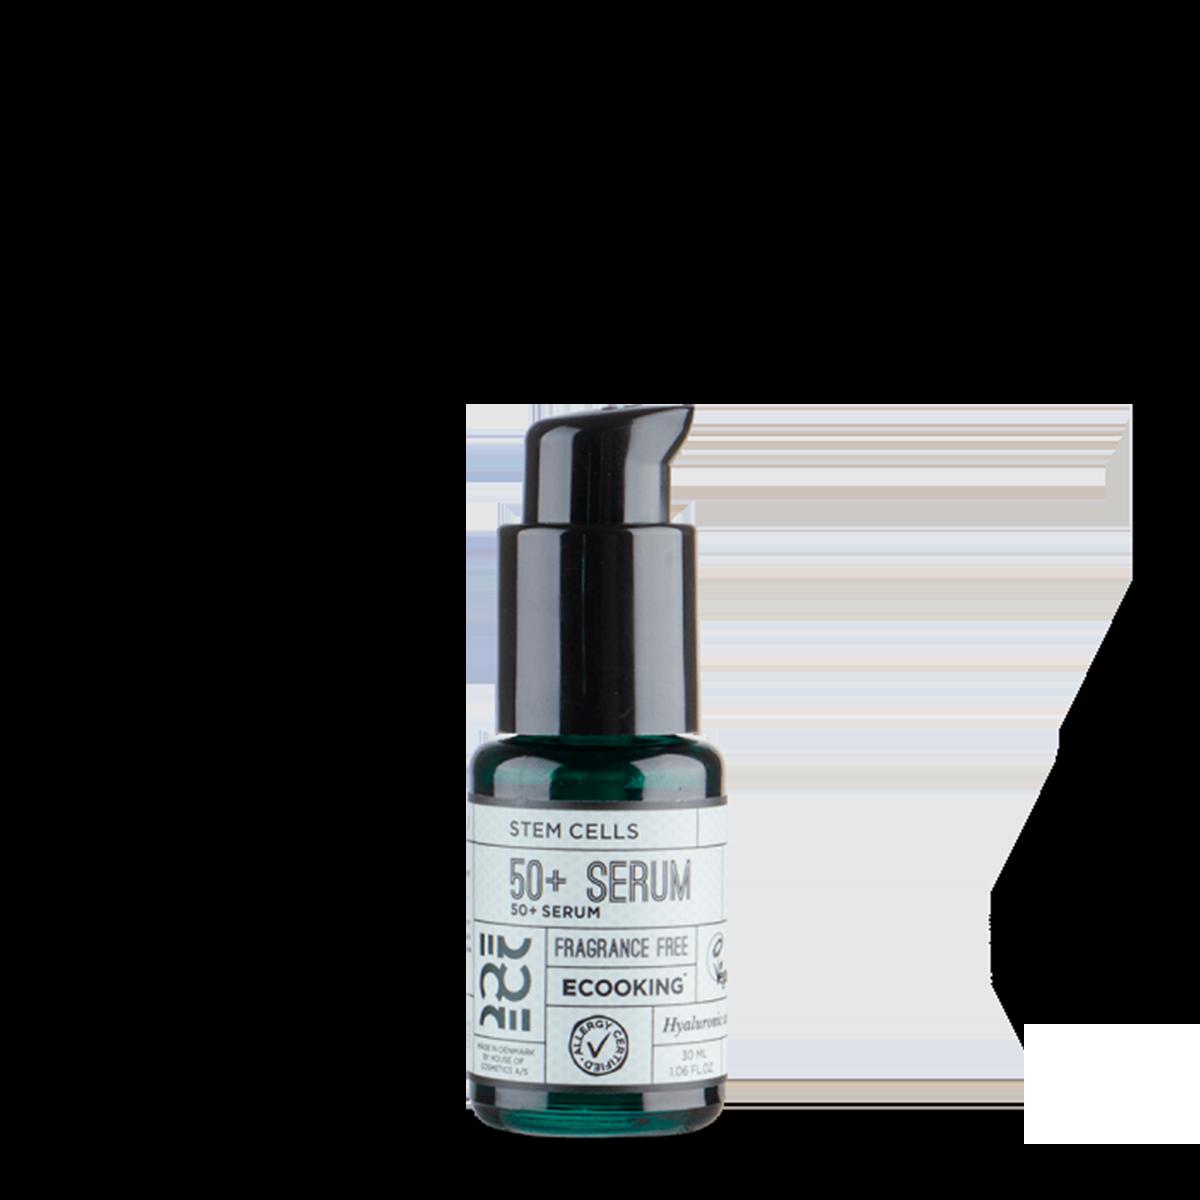 50+ Serum 30 ml